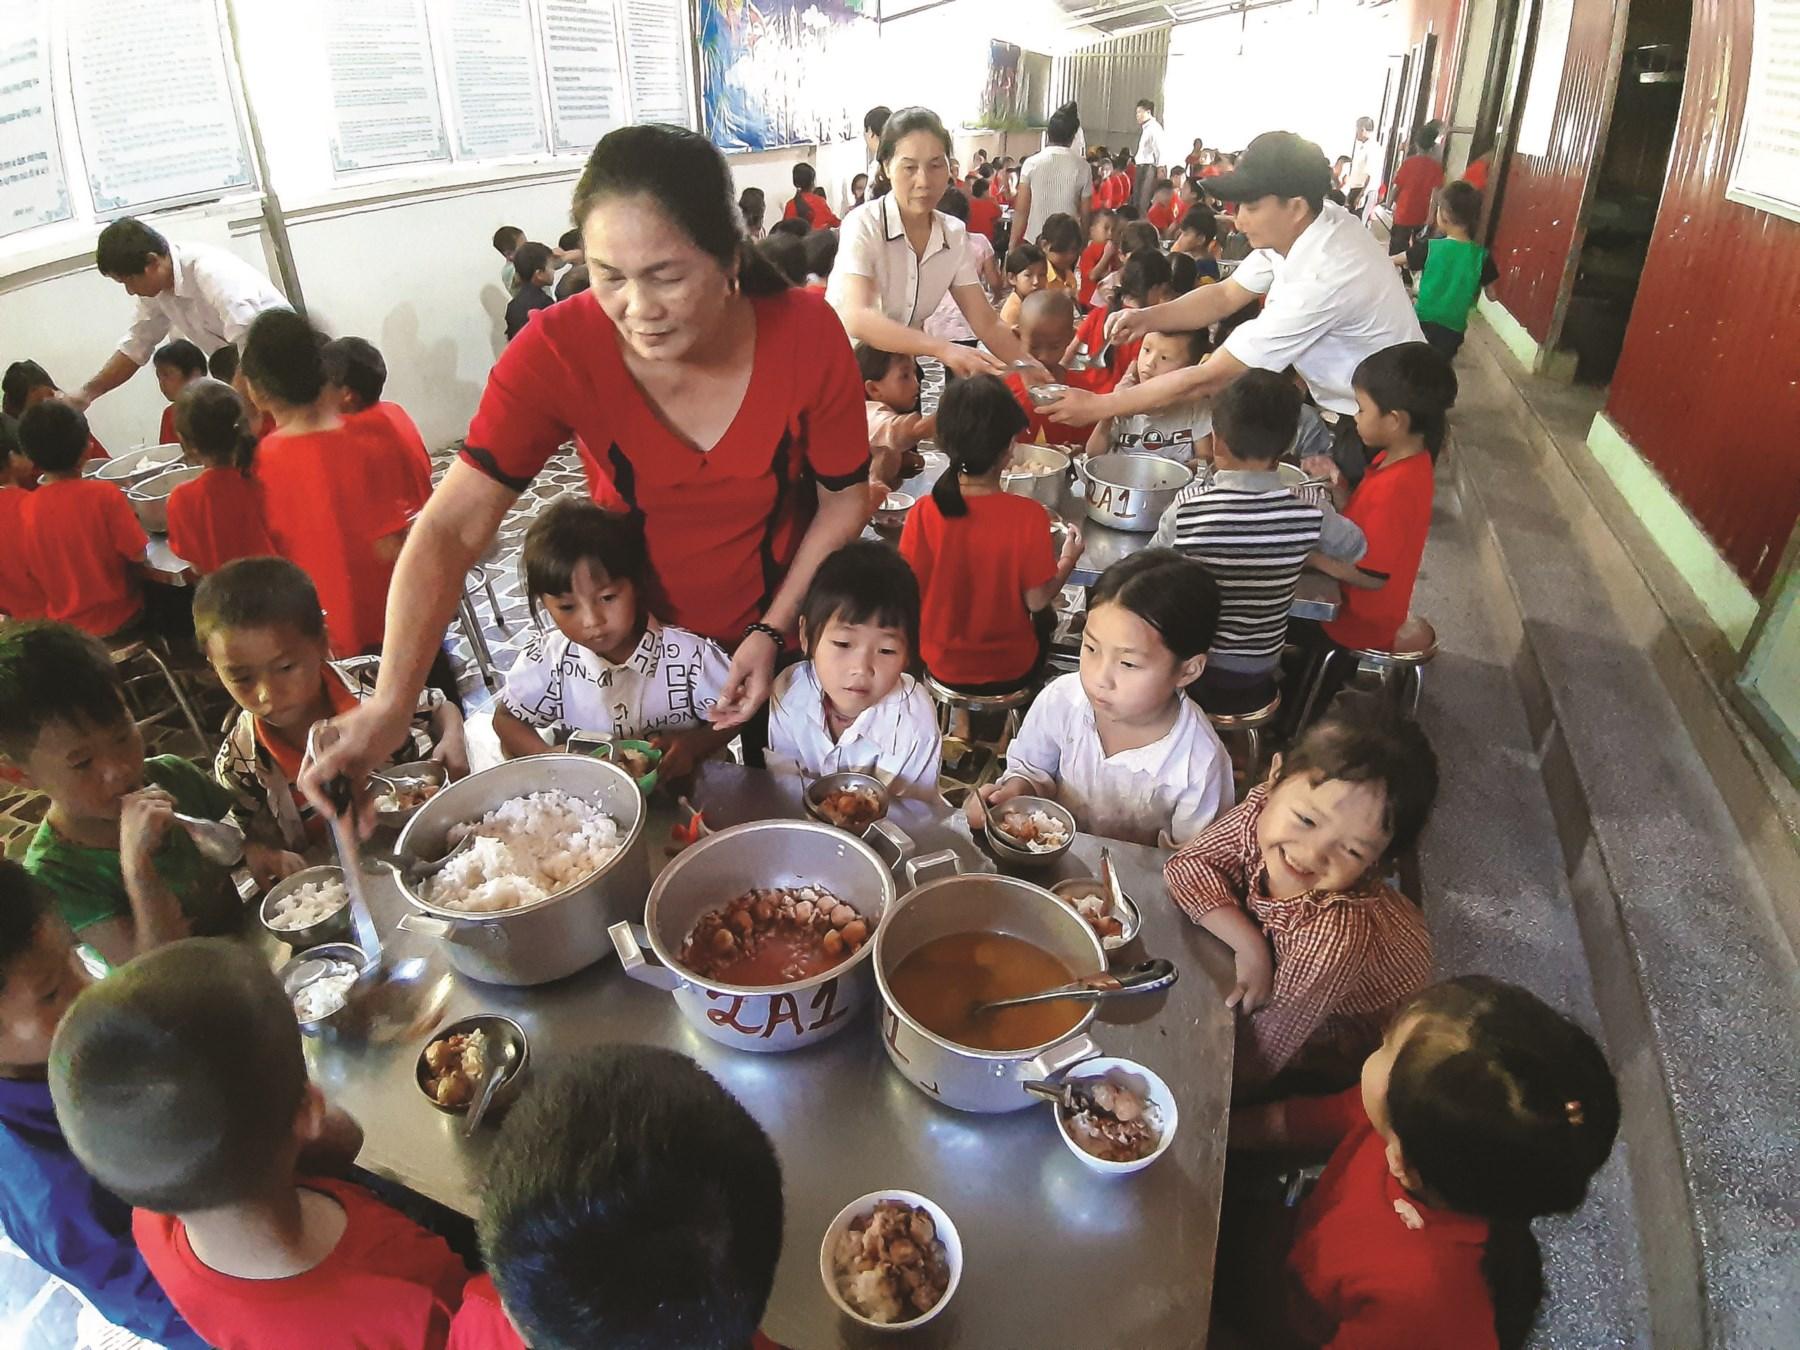 Các thầy cô giáo luôn tận tâm chăm lo cho các em học sinh từng bữa ăn, giấc ngủ